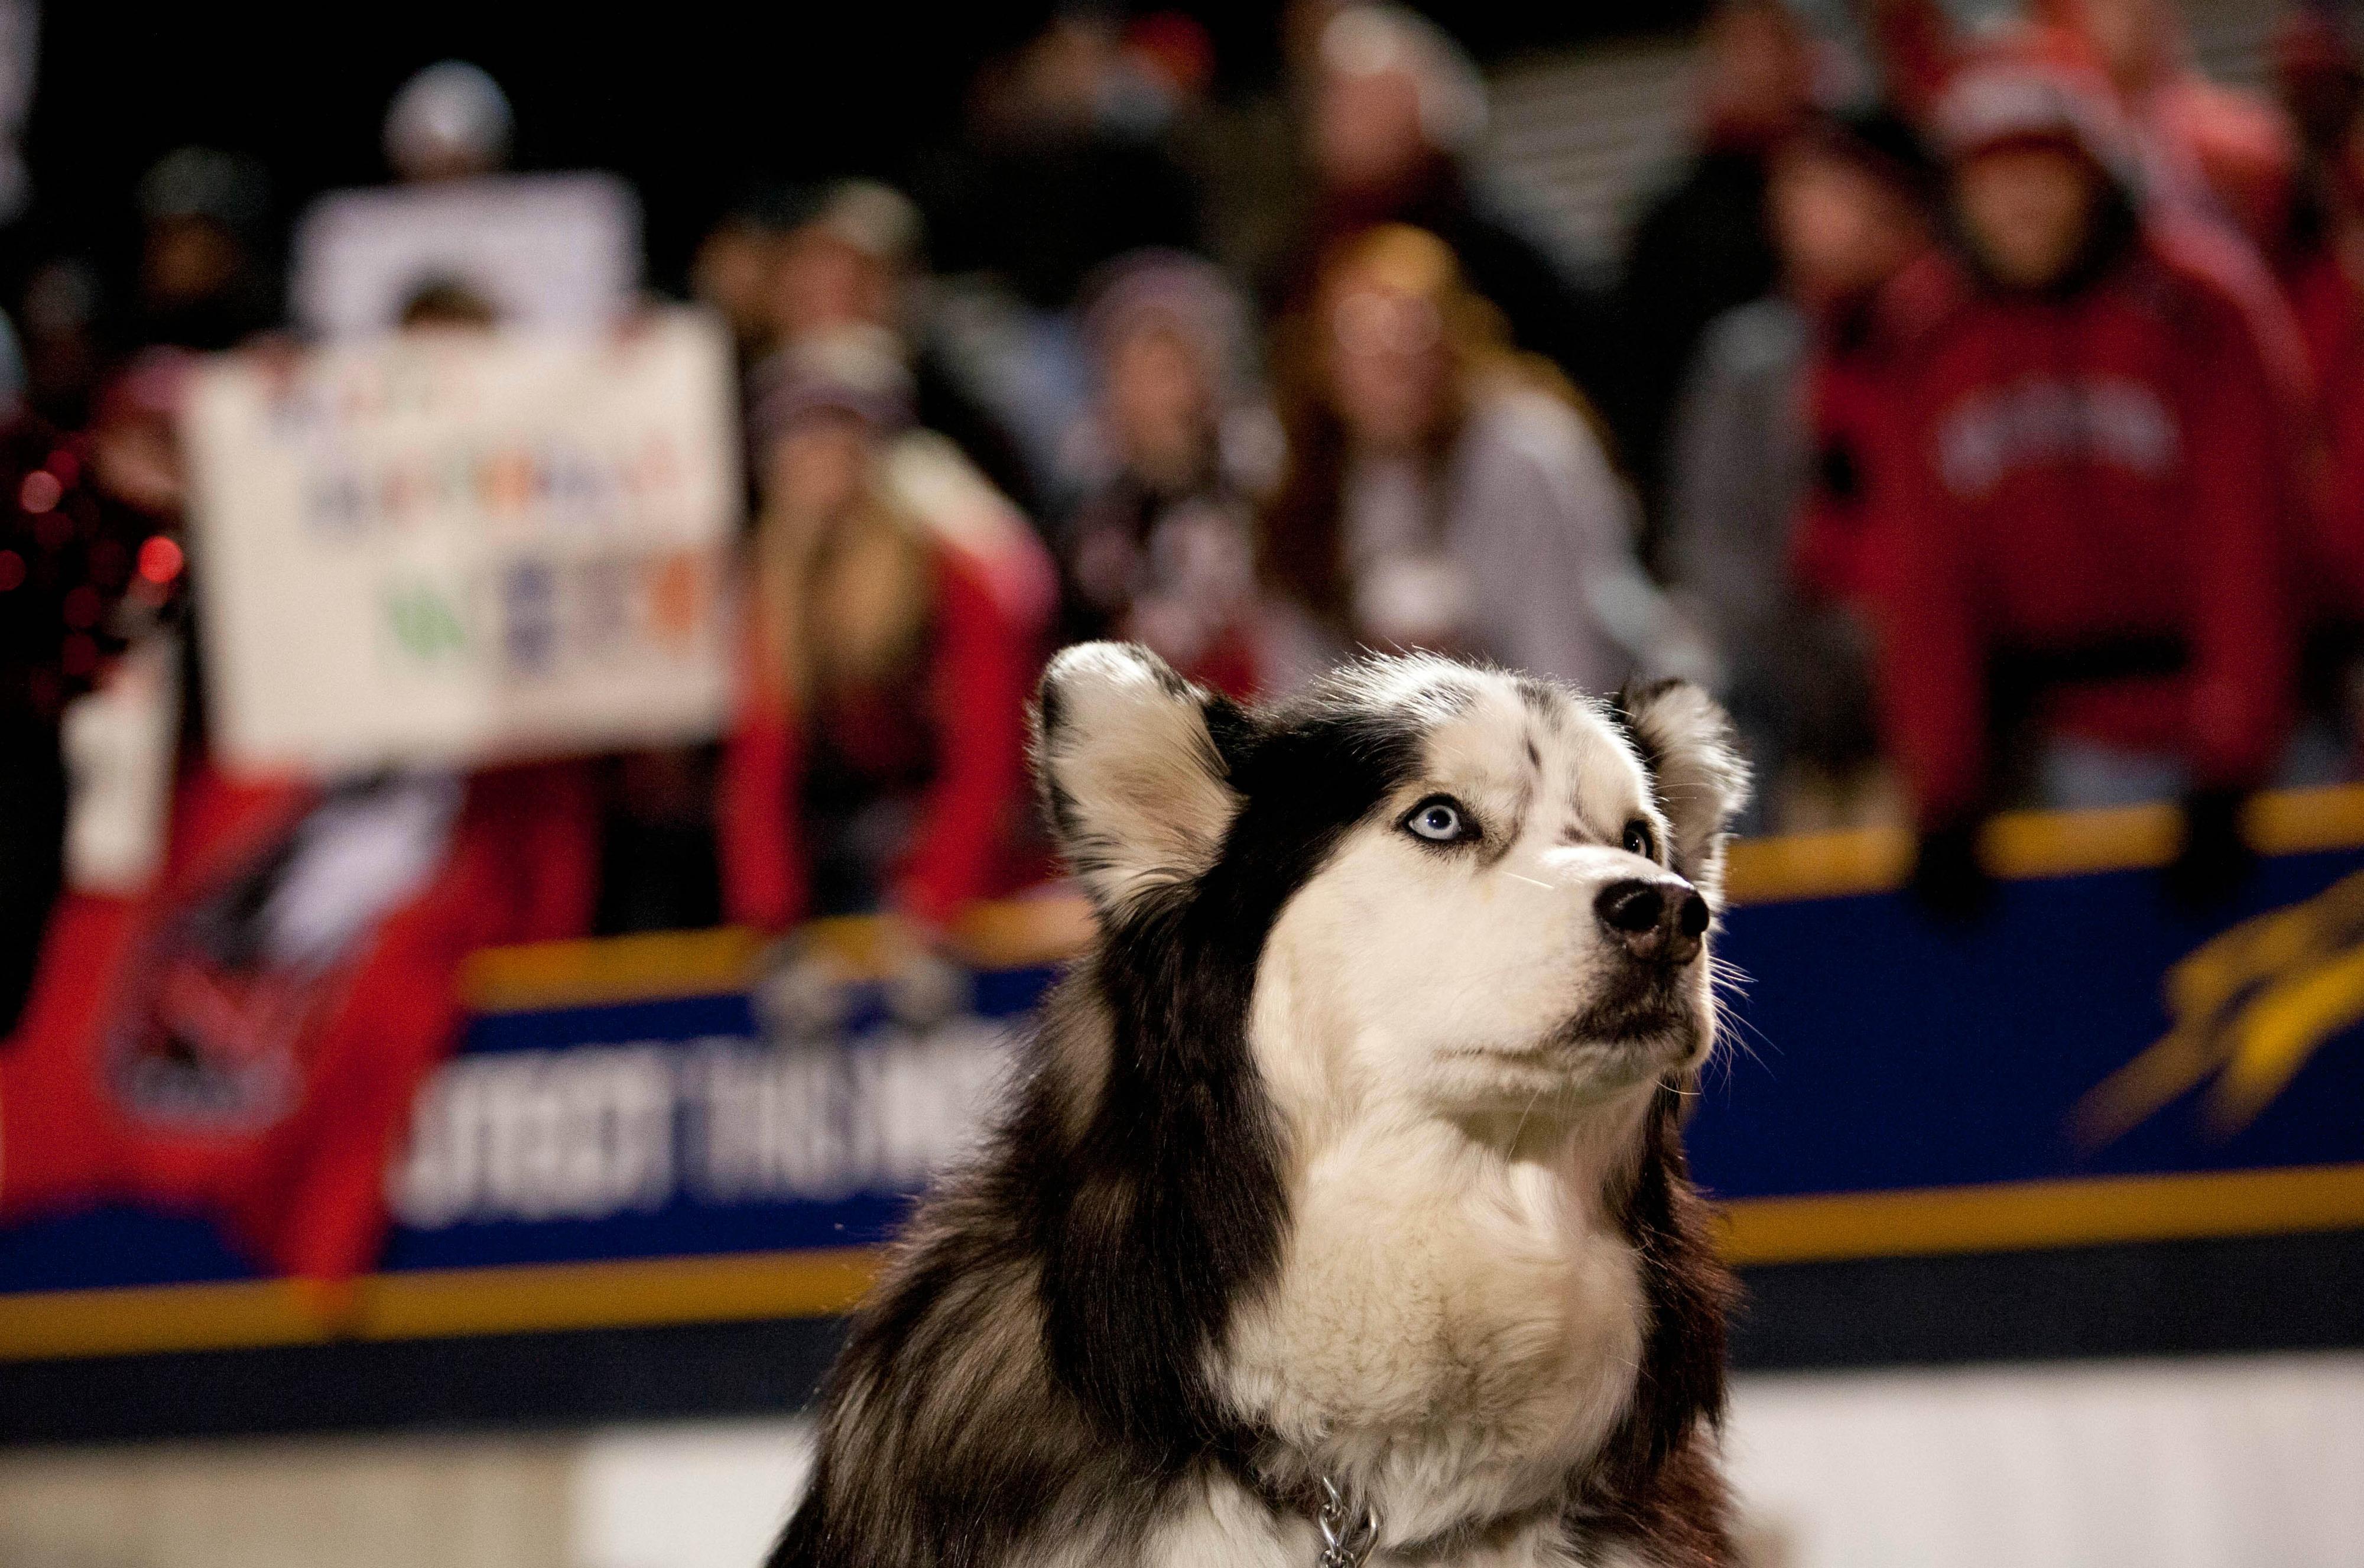 戴柴油到目前为止,戴塞尔仍然是顶级狗。